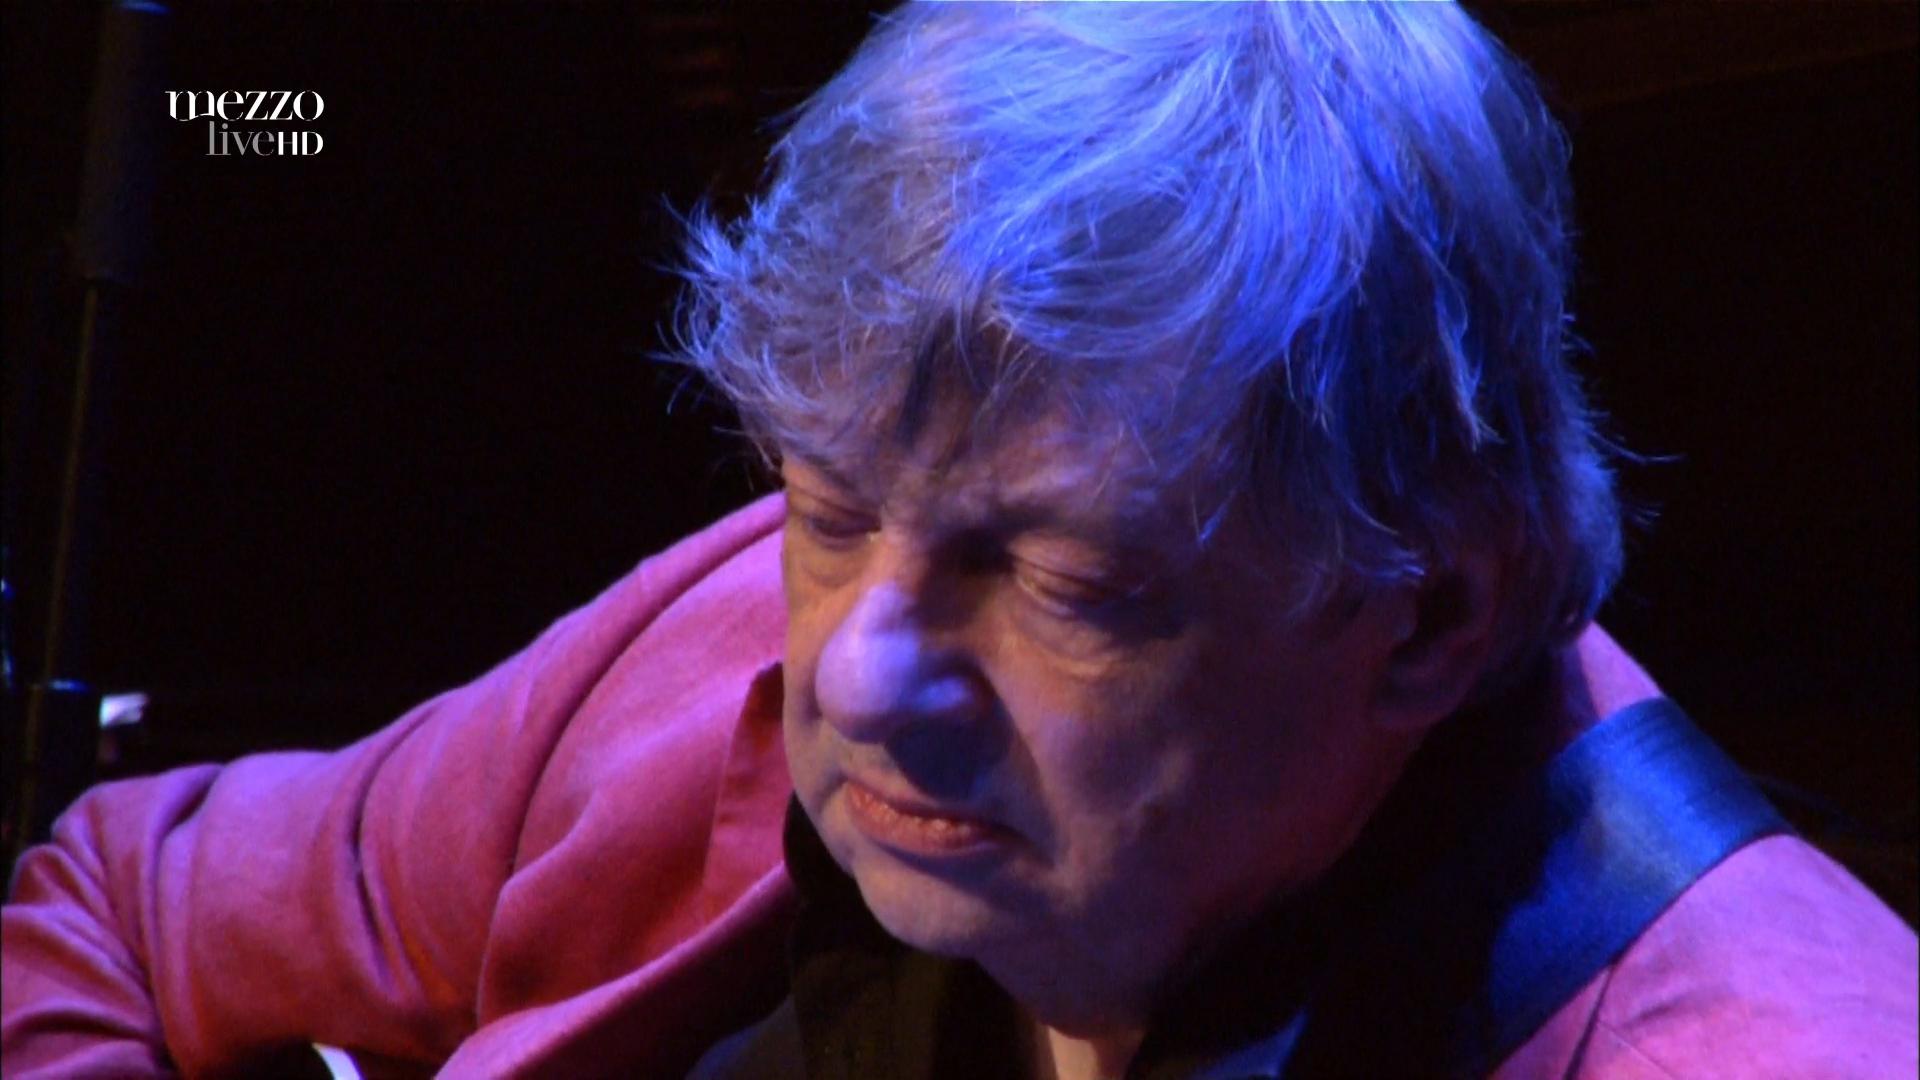 2012 Philip Catherine - 70th Birthday Tour - Skoda Jazz Festival [HDTV 1080i] 6